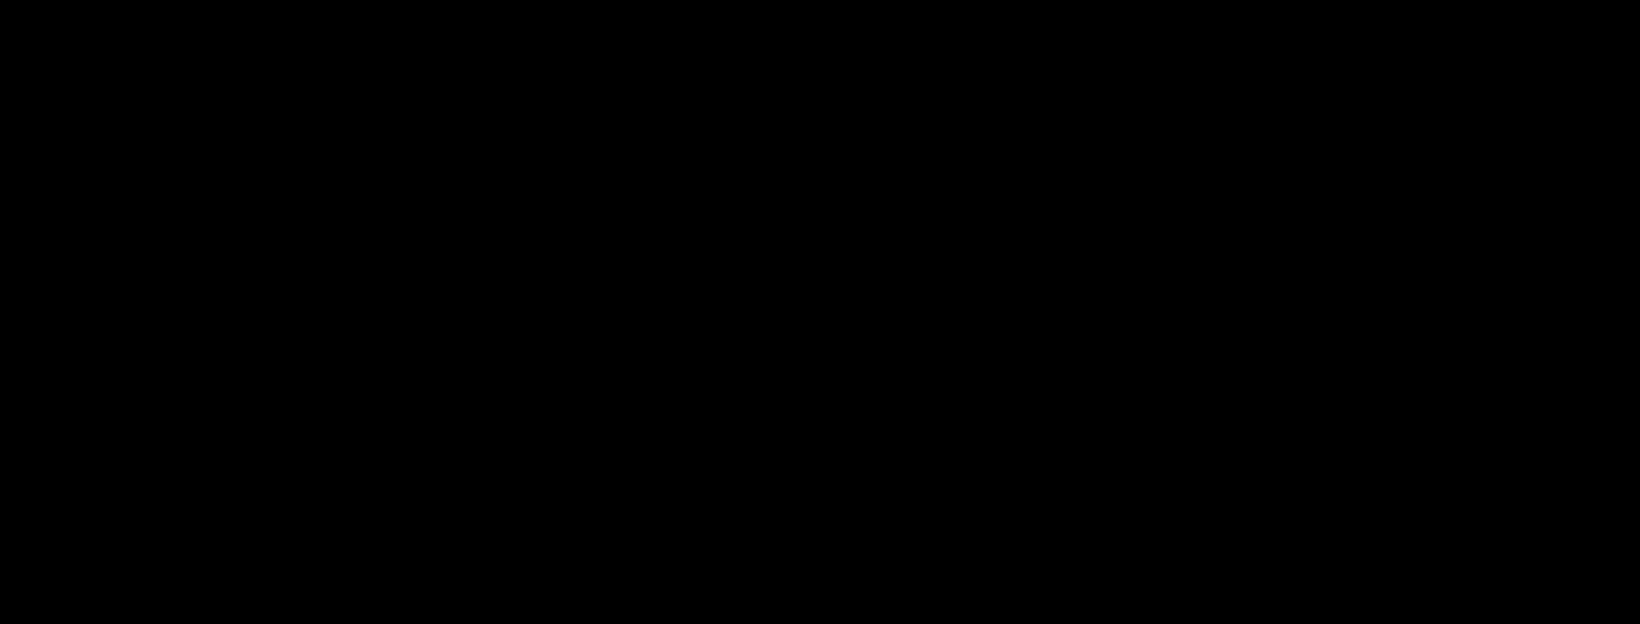 Live event logo blacktransparent